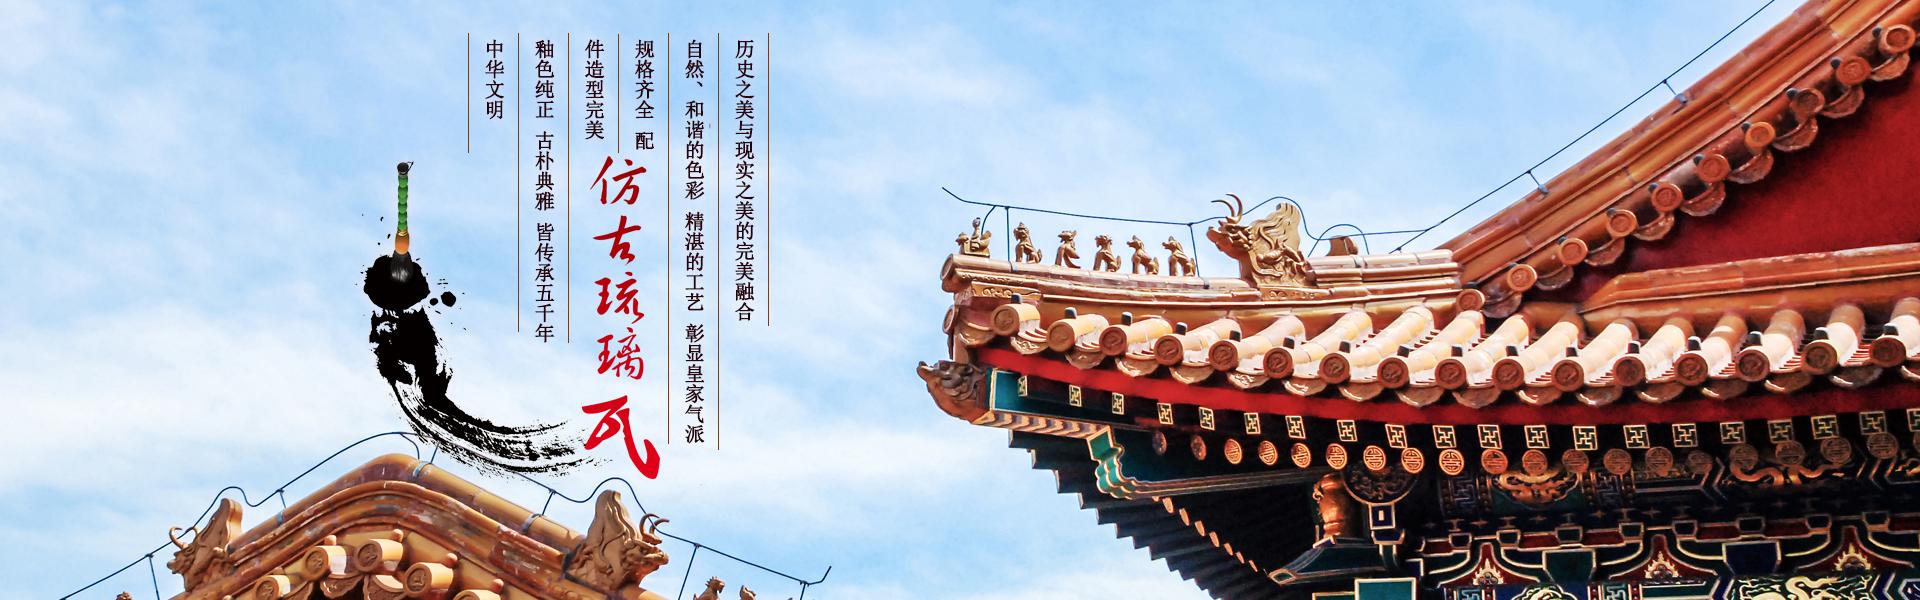 全瓷美国三级片,西式玖玖姿源站,古建乱小说录目伦,别墅免费收看人成app电影